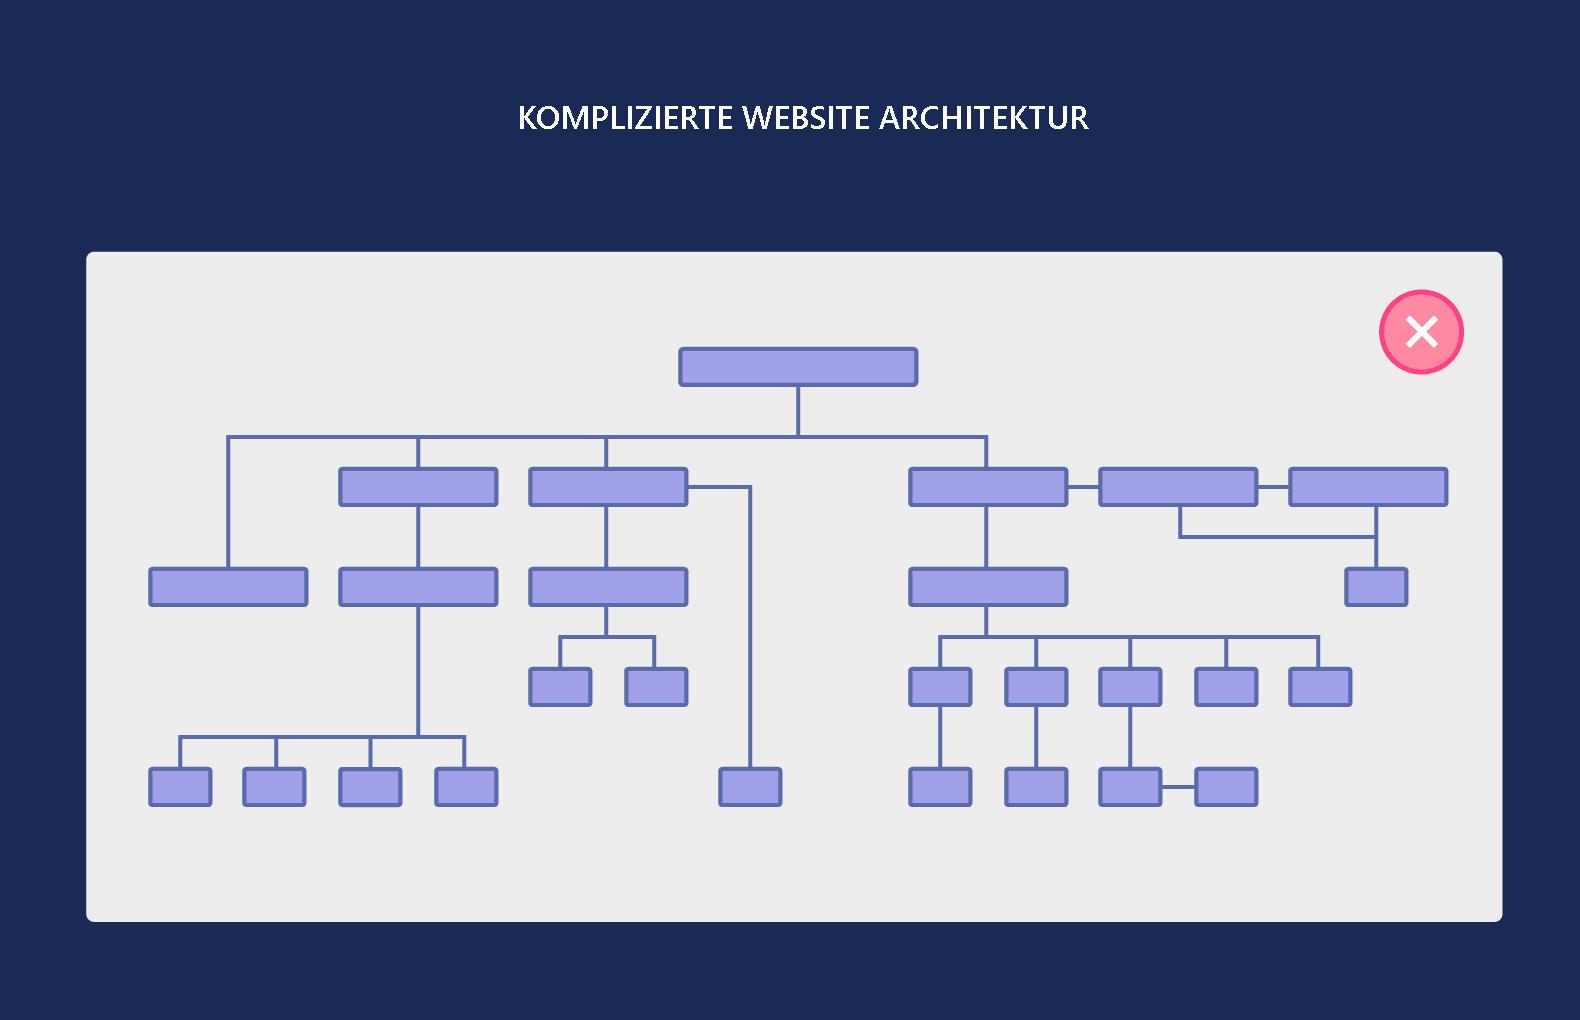 Komplizierte Website Architektur